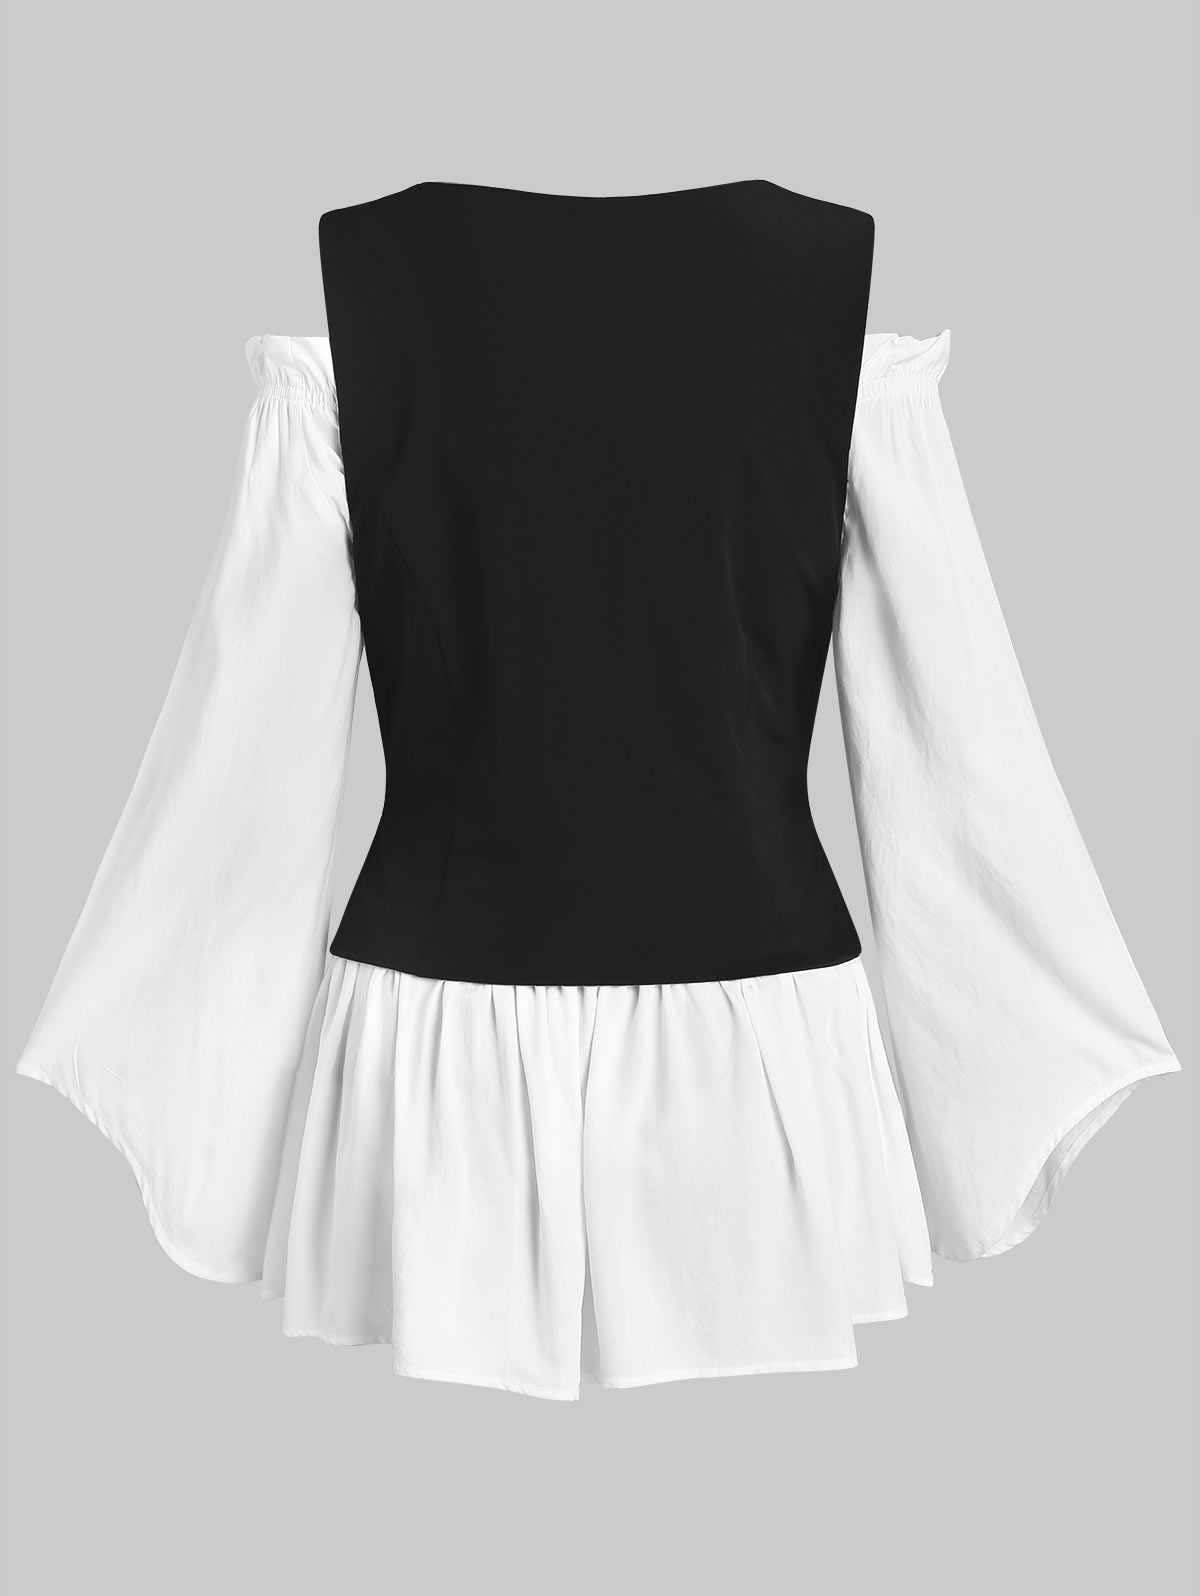 Wipalo ファッションレディースオフショルダーブラウスとレースアップチョッキセット夏フレアスリーブチュニックブラウス女性衣類ビッグサイズ